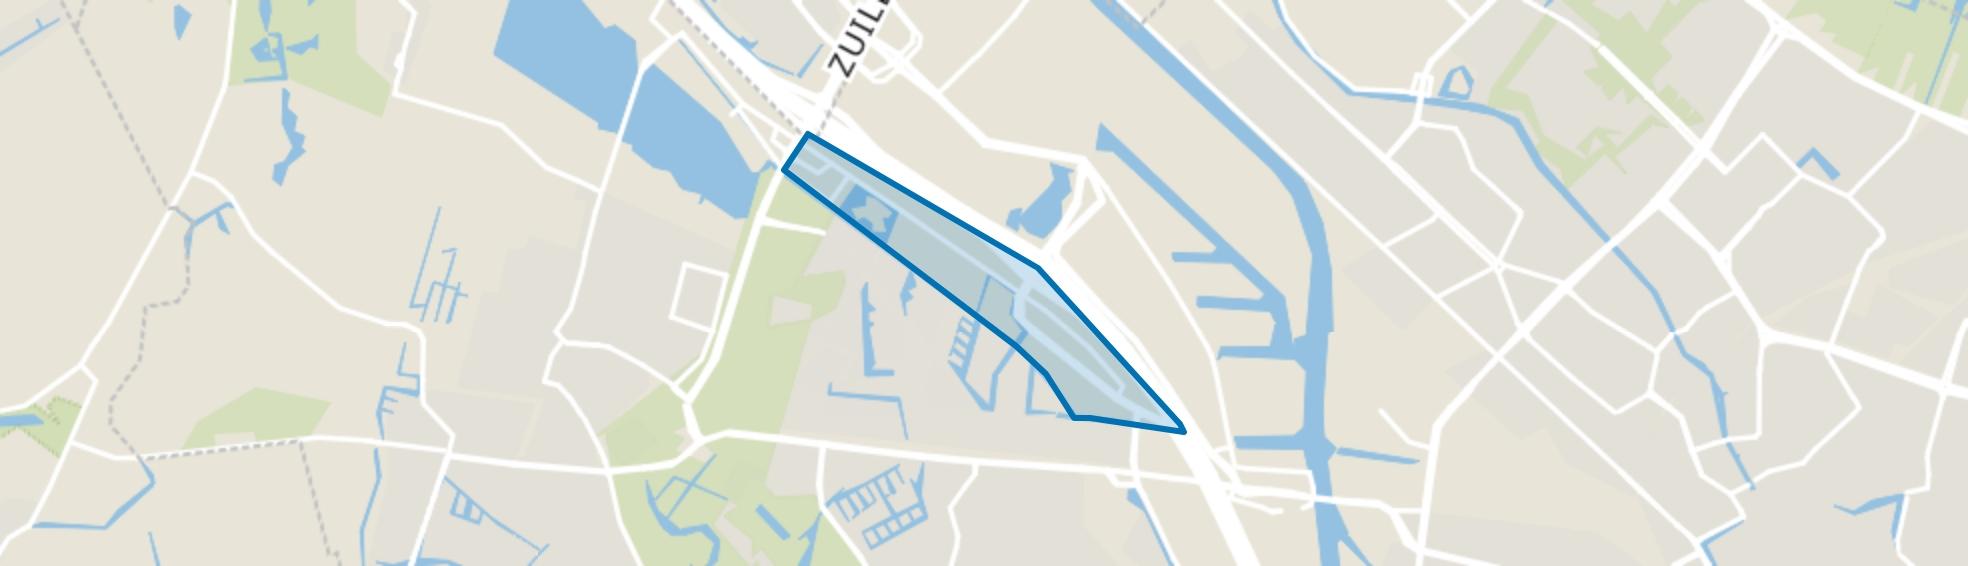 Bedrijventerrein De Wetering, Utrecht map